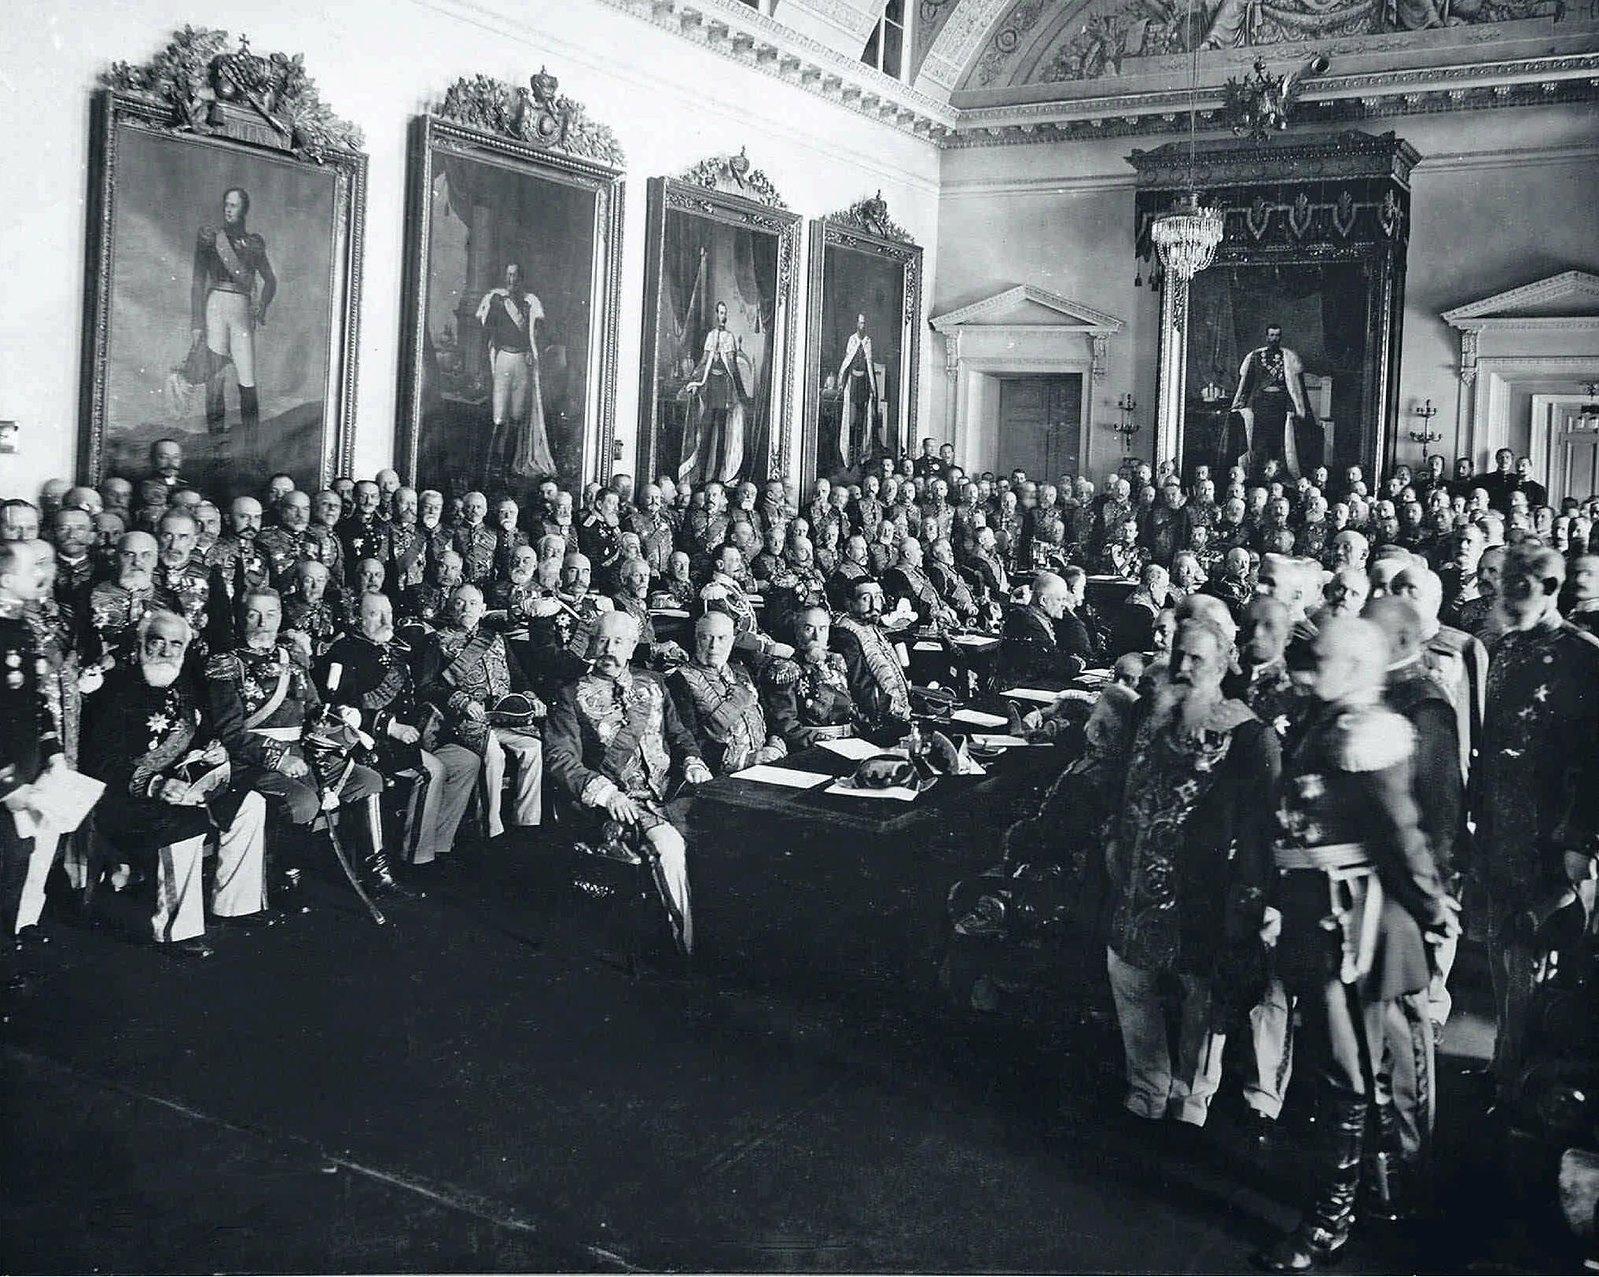 1911. Председатель Совета министров П.А. Столыпин в Правительствующем сенате на торжественном заседании в честь 200-летия Сената. 2 марта